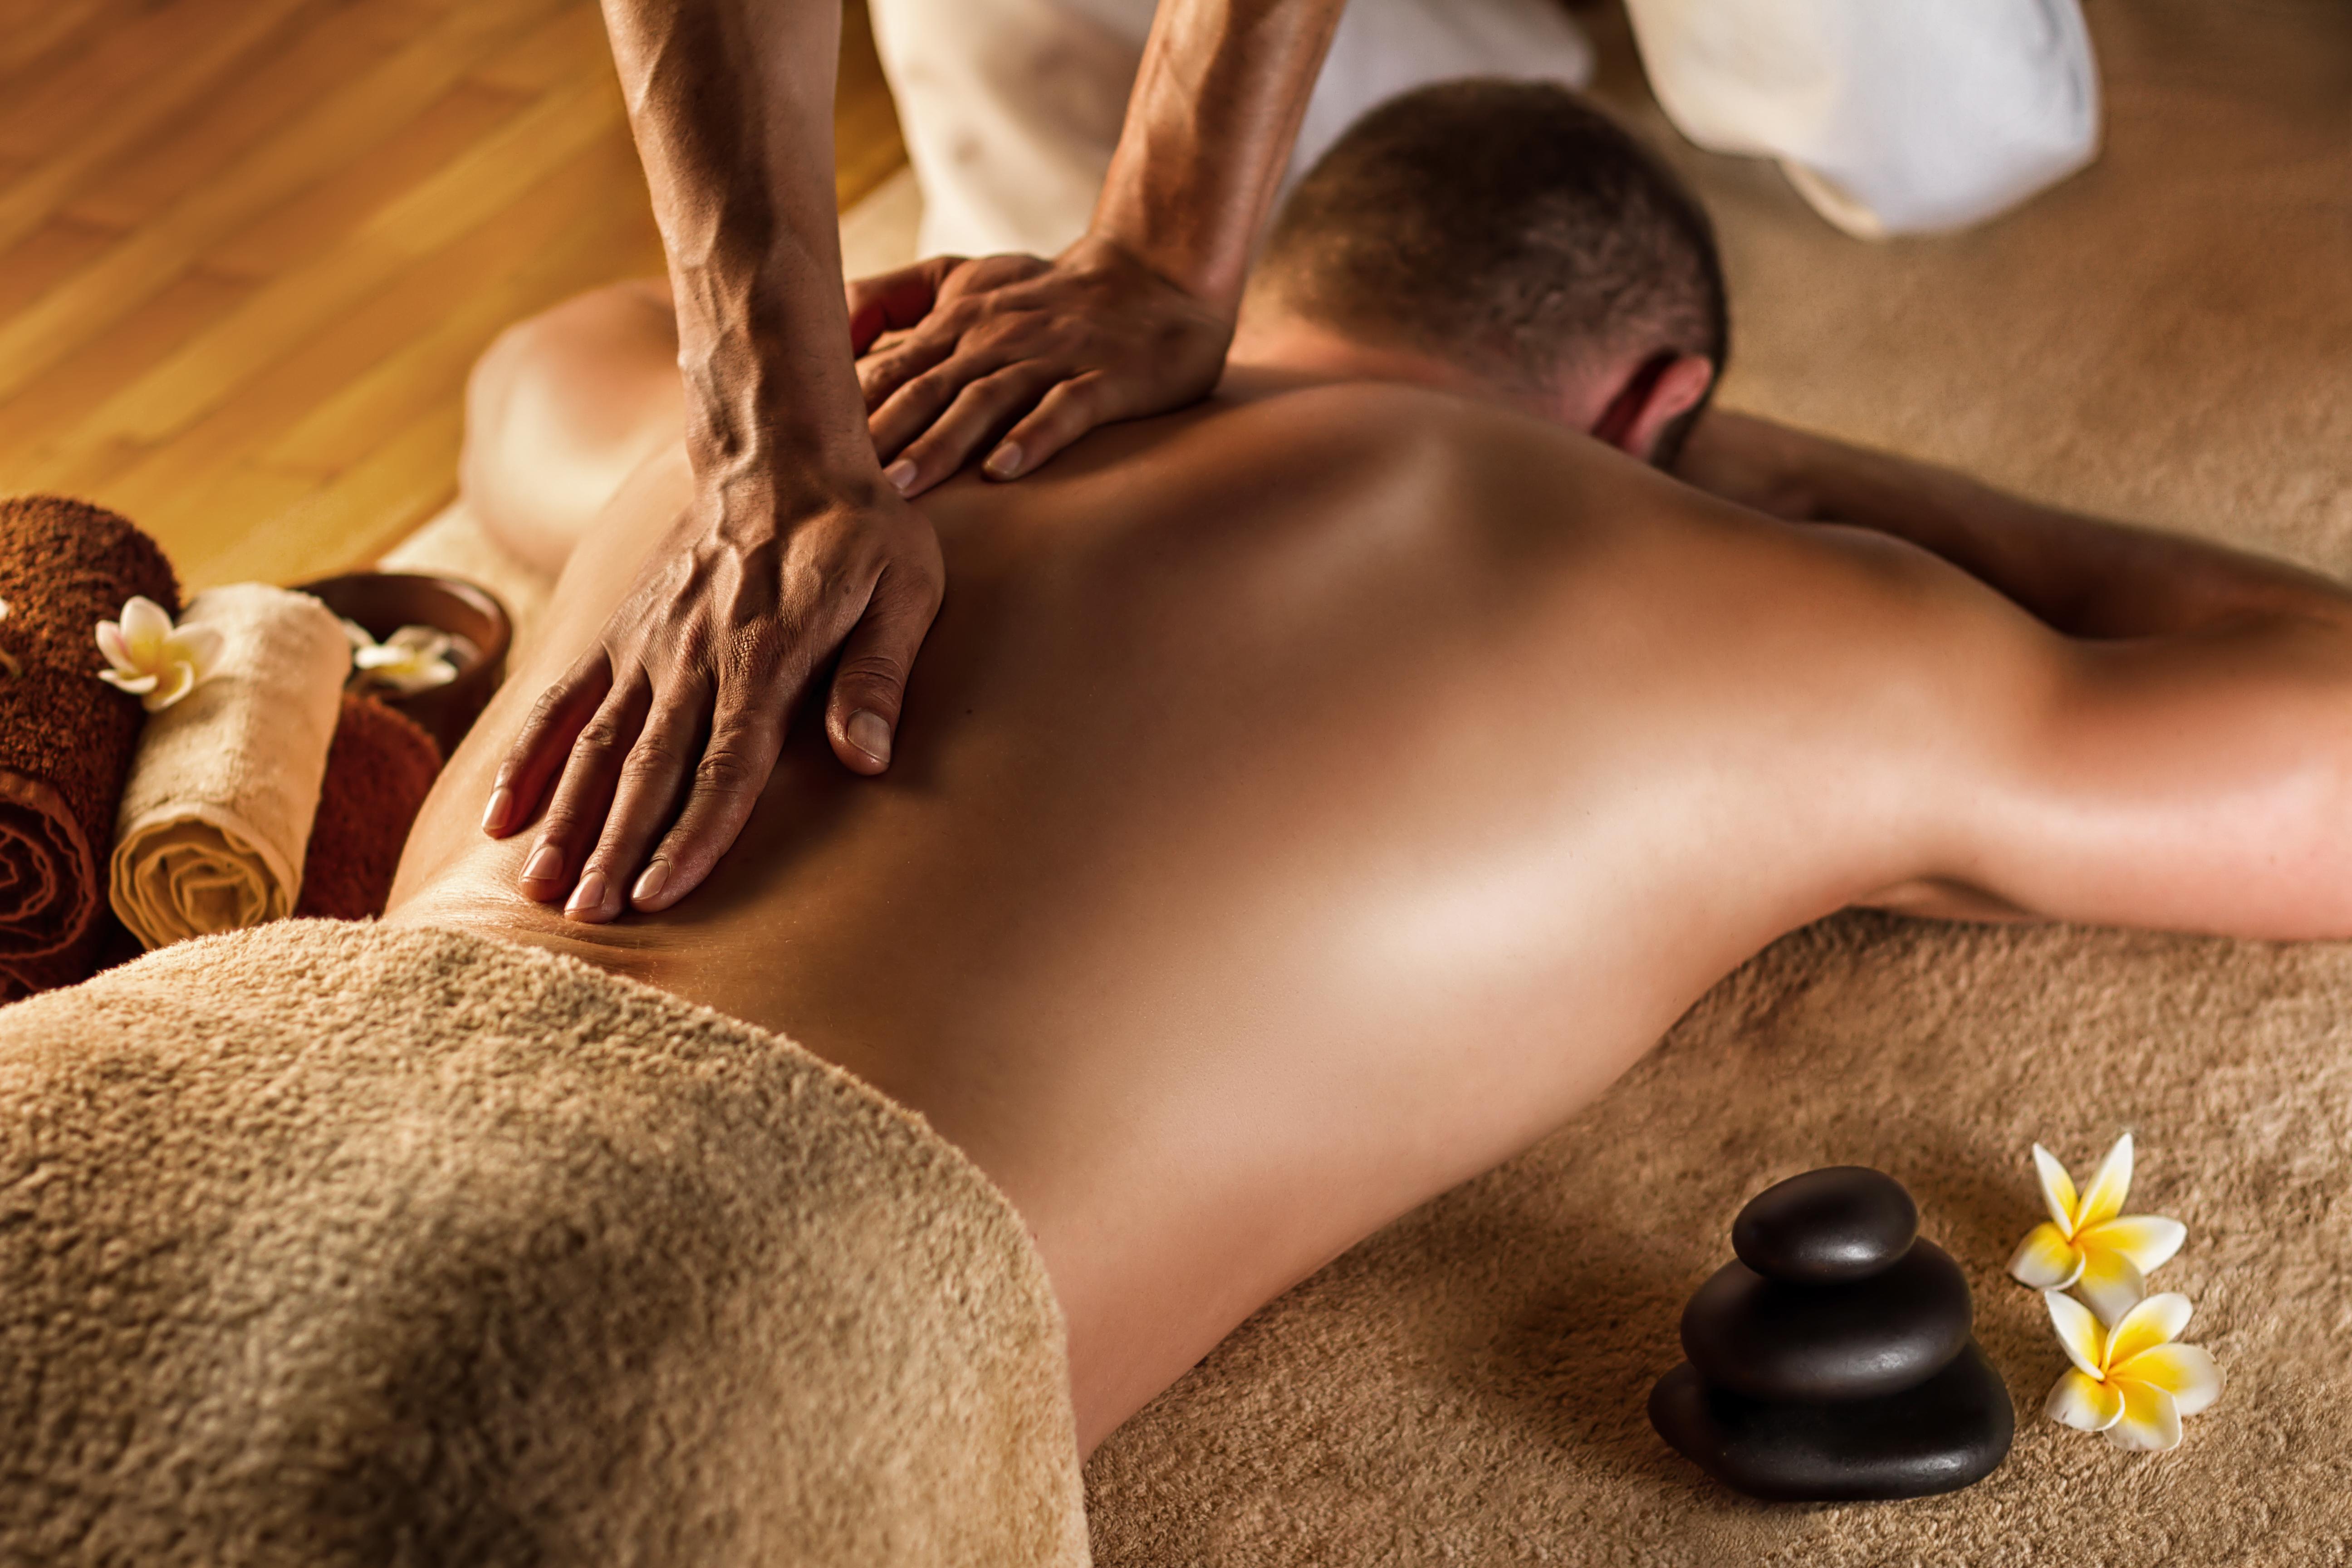 Male Sensual Massage